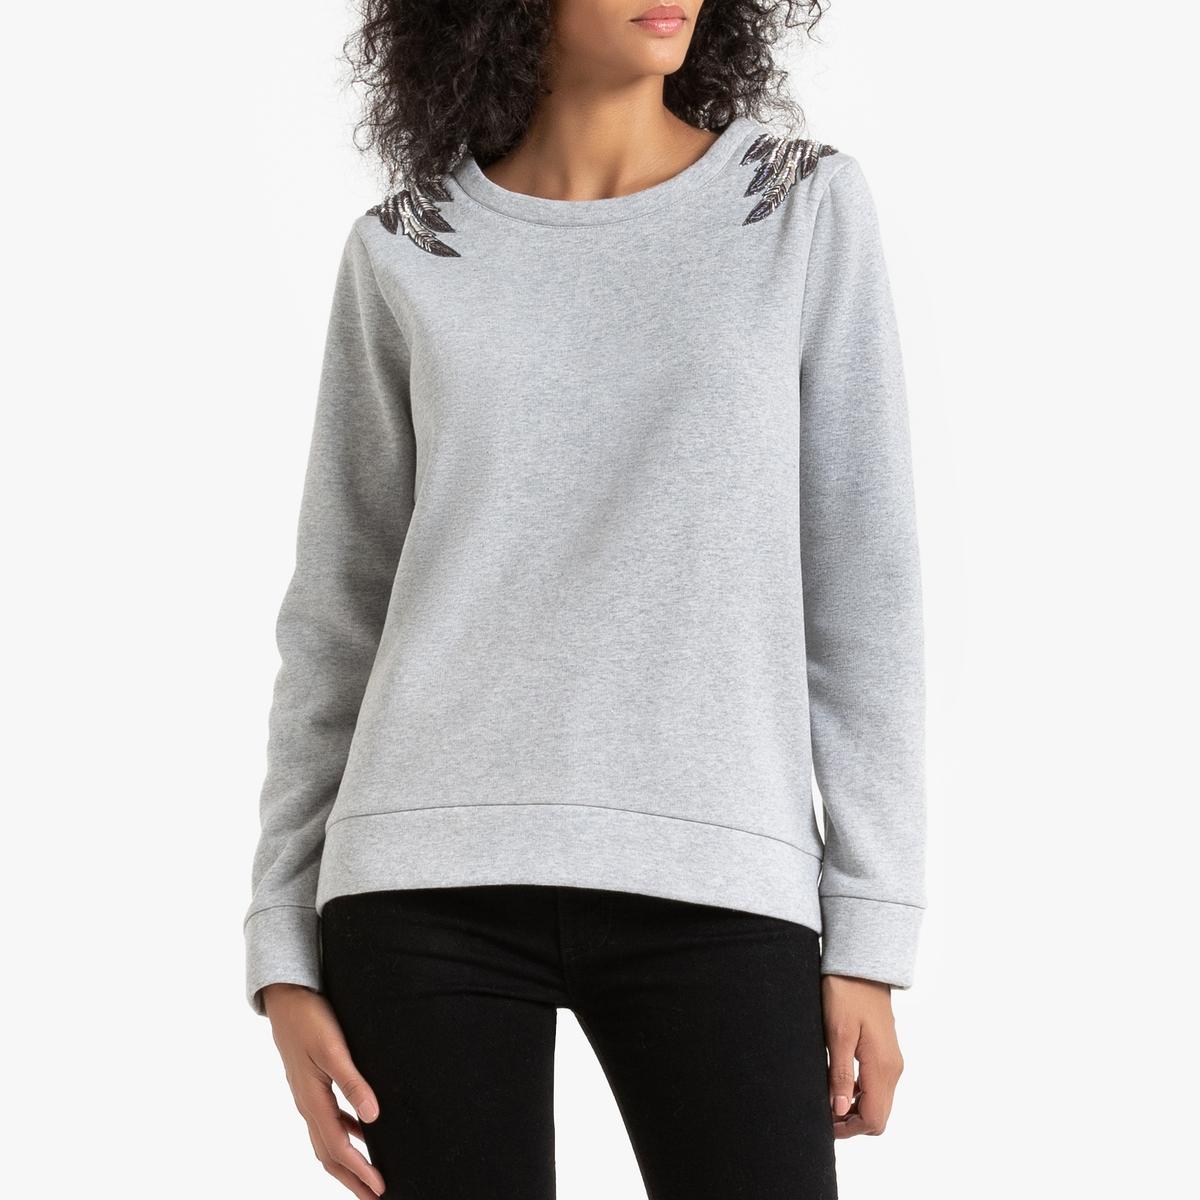 Свитшот La Redoute С круглым вырезом и вышивкой бусинами Suchess L серый свитшот la redoute с круглым вырезом и вышивкой s черный